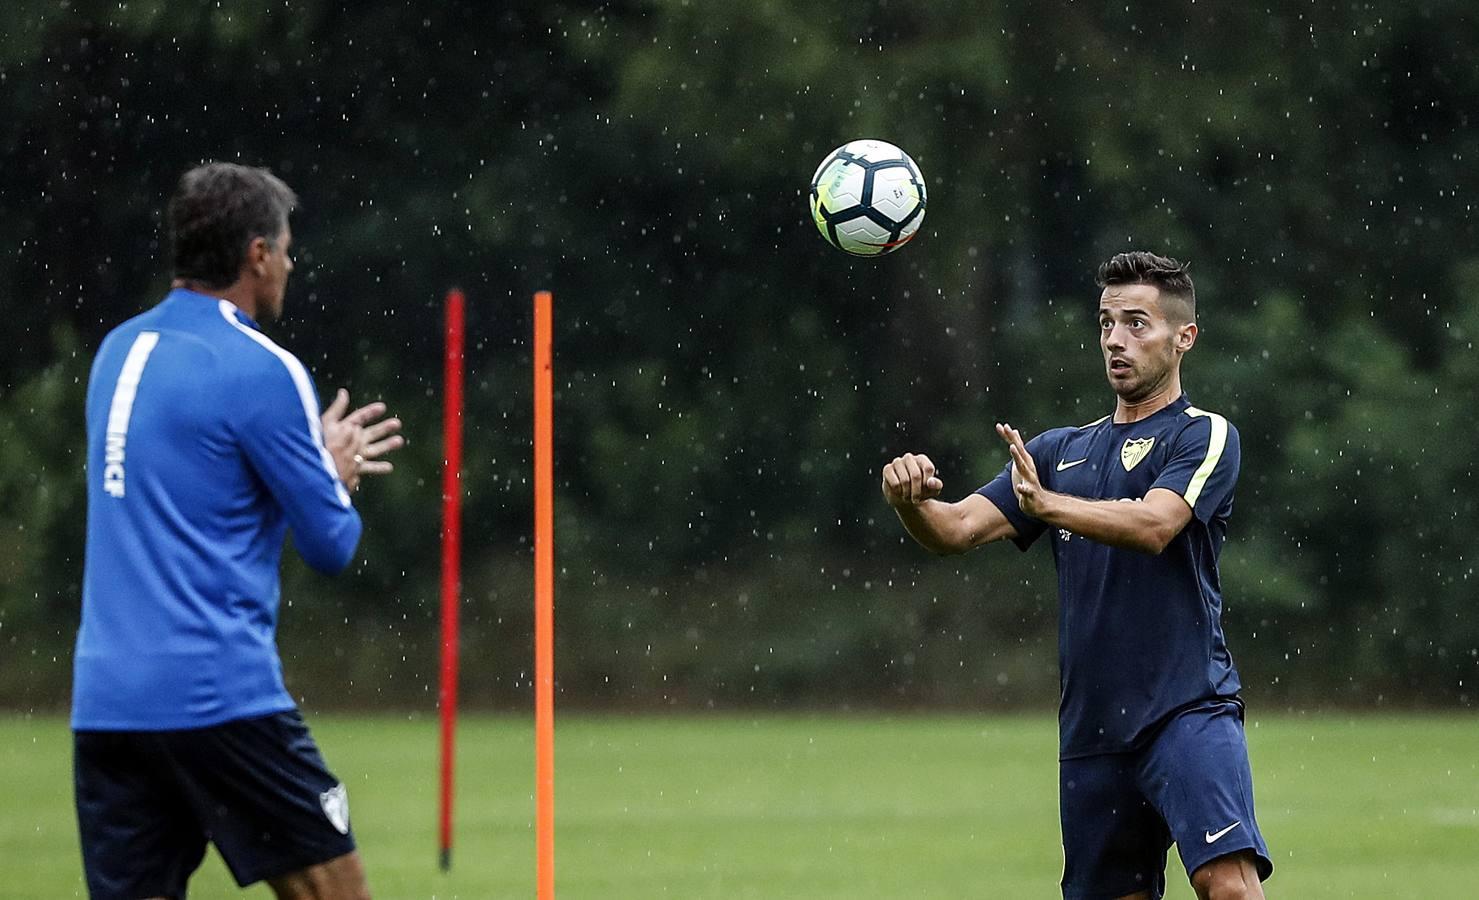 El Málaga, sin noticias de Jony ni de su futuro equipo